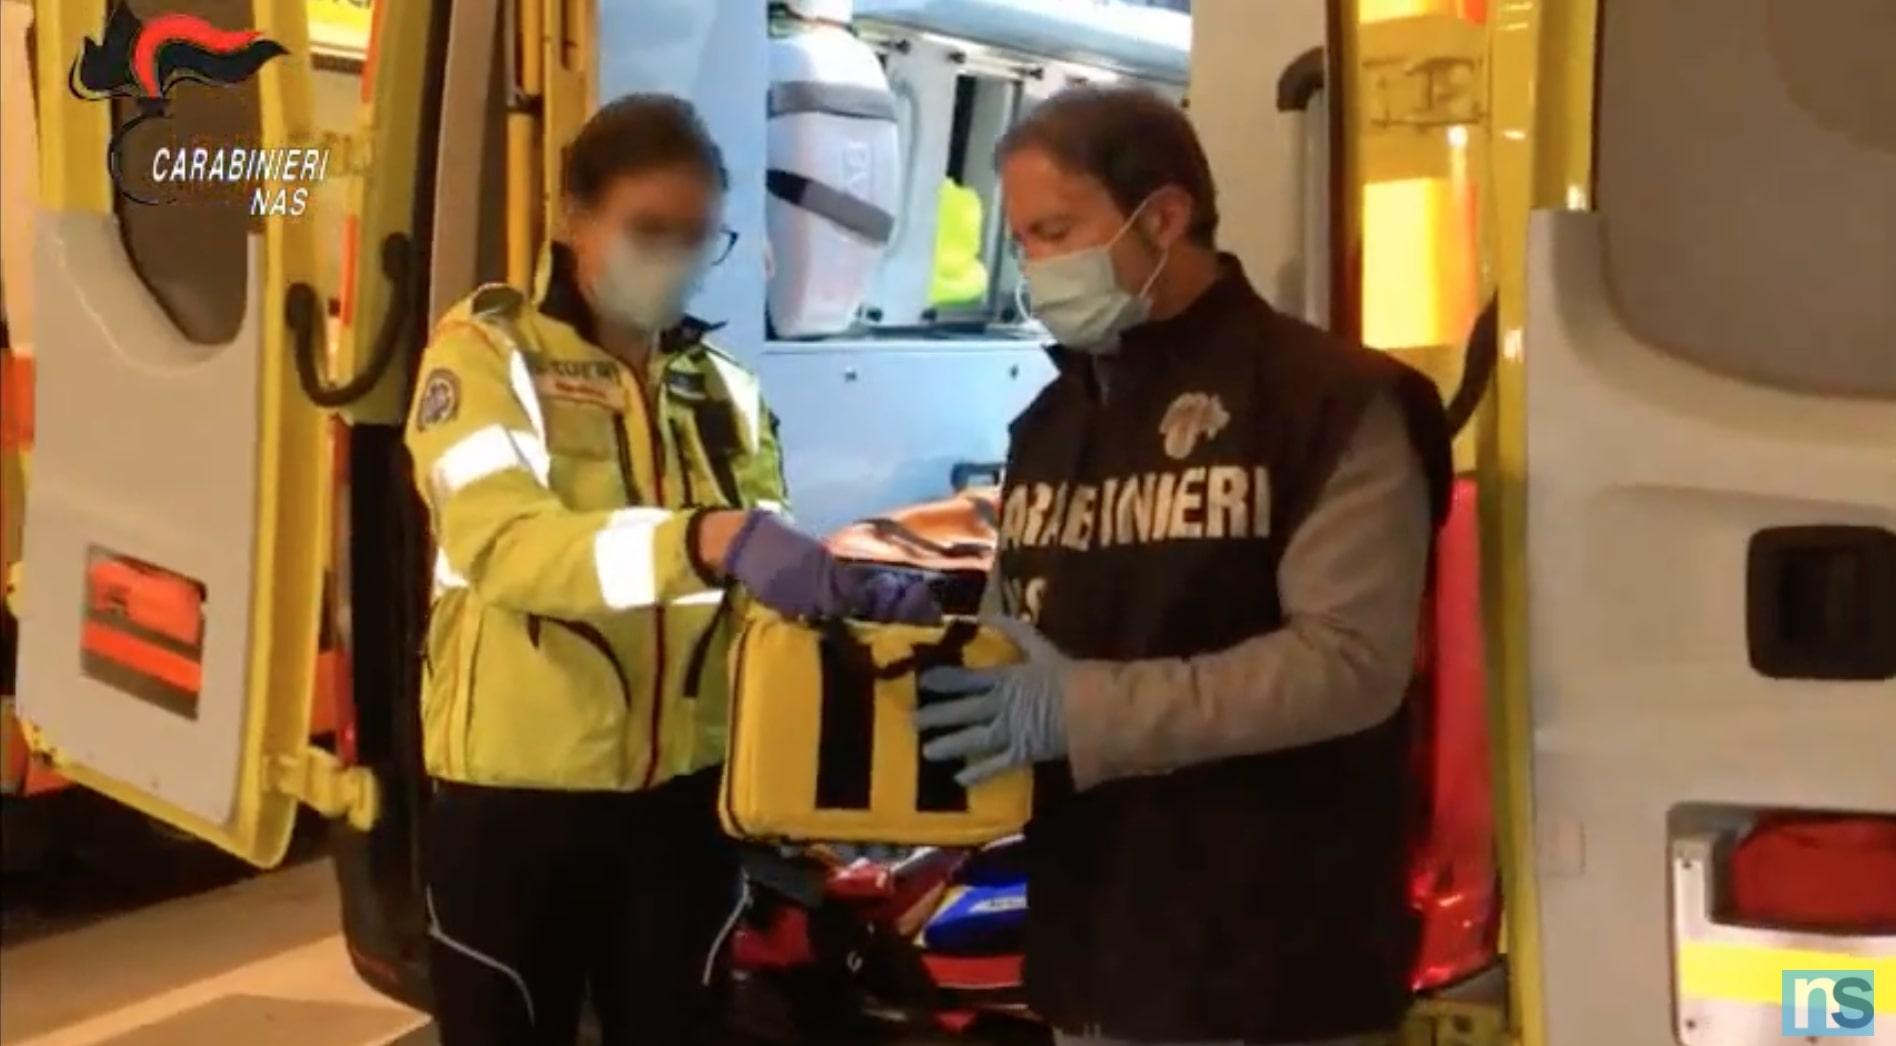 Controlli nelle ambulanze, i dettagli e le immagini video dei sequestri in Sicilia